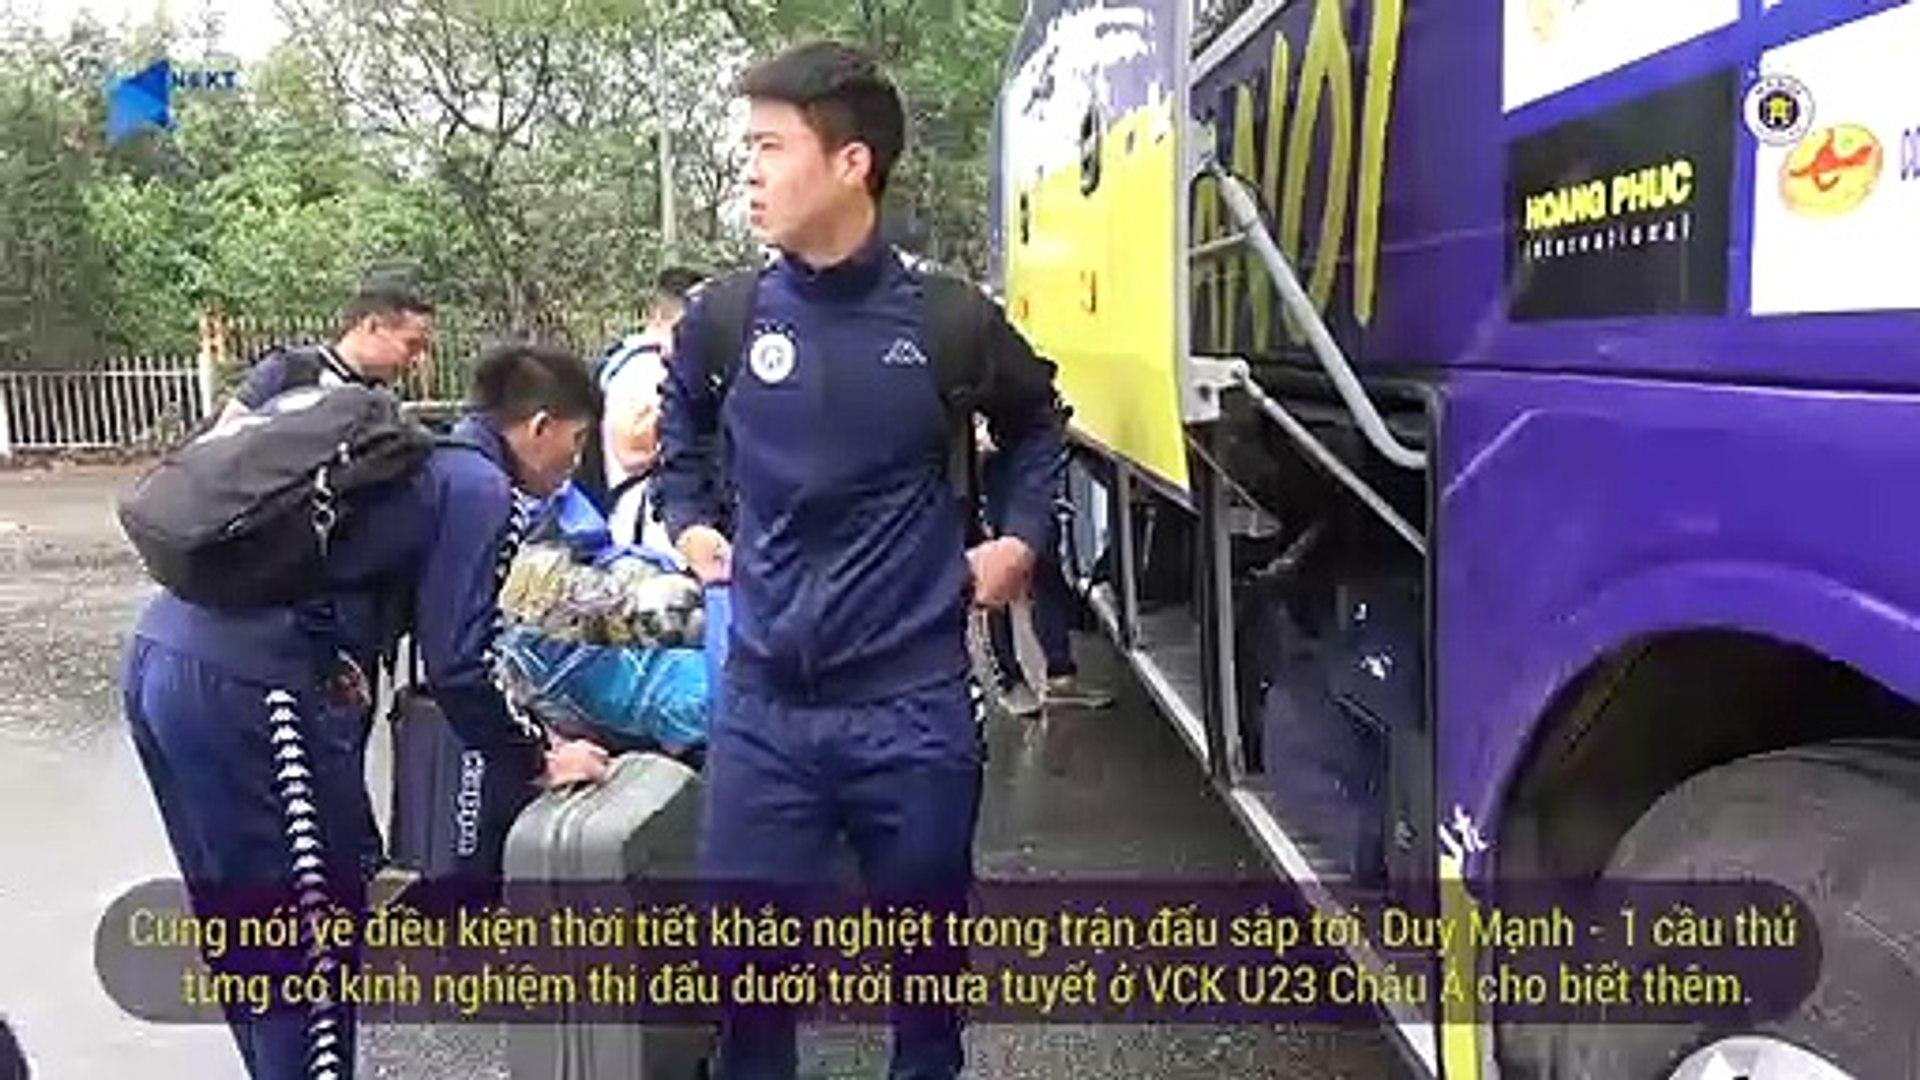 CLB Hà Nội di chuyển sang Trung Quốc, sẵn sàng cho trận đấu với Sơn Đông Lỗ Năng | HANOI FC